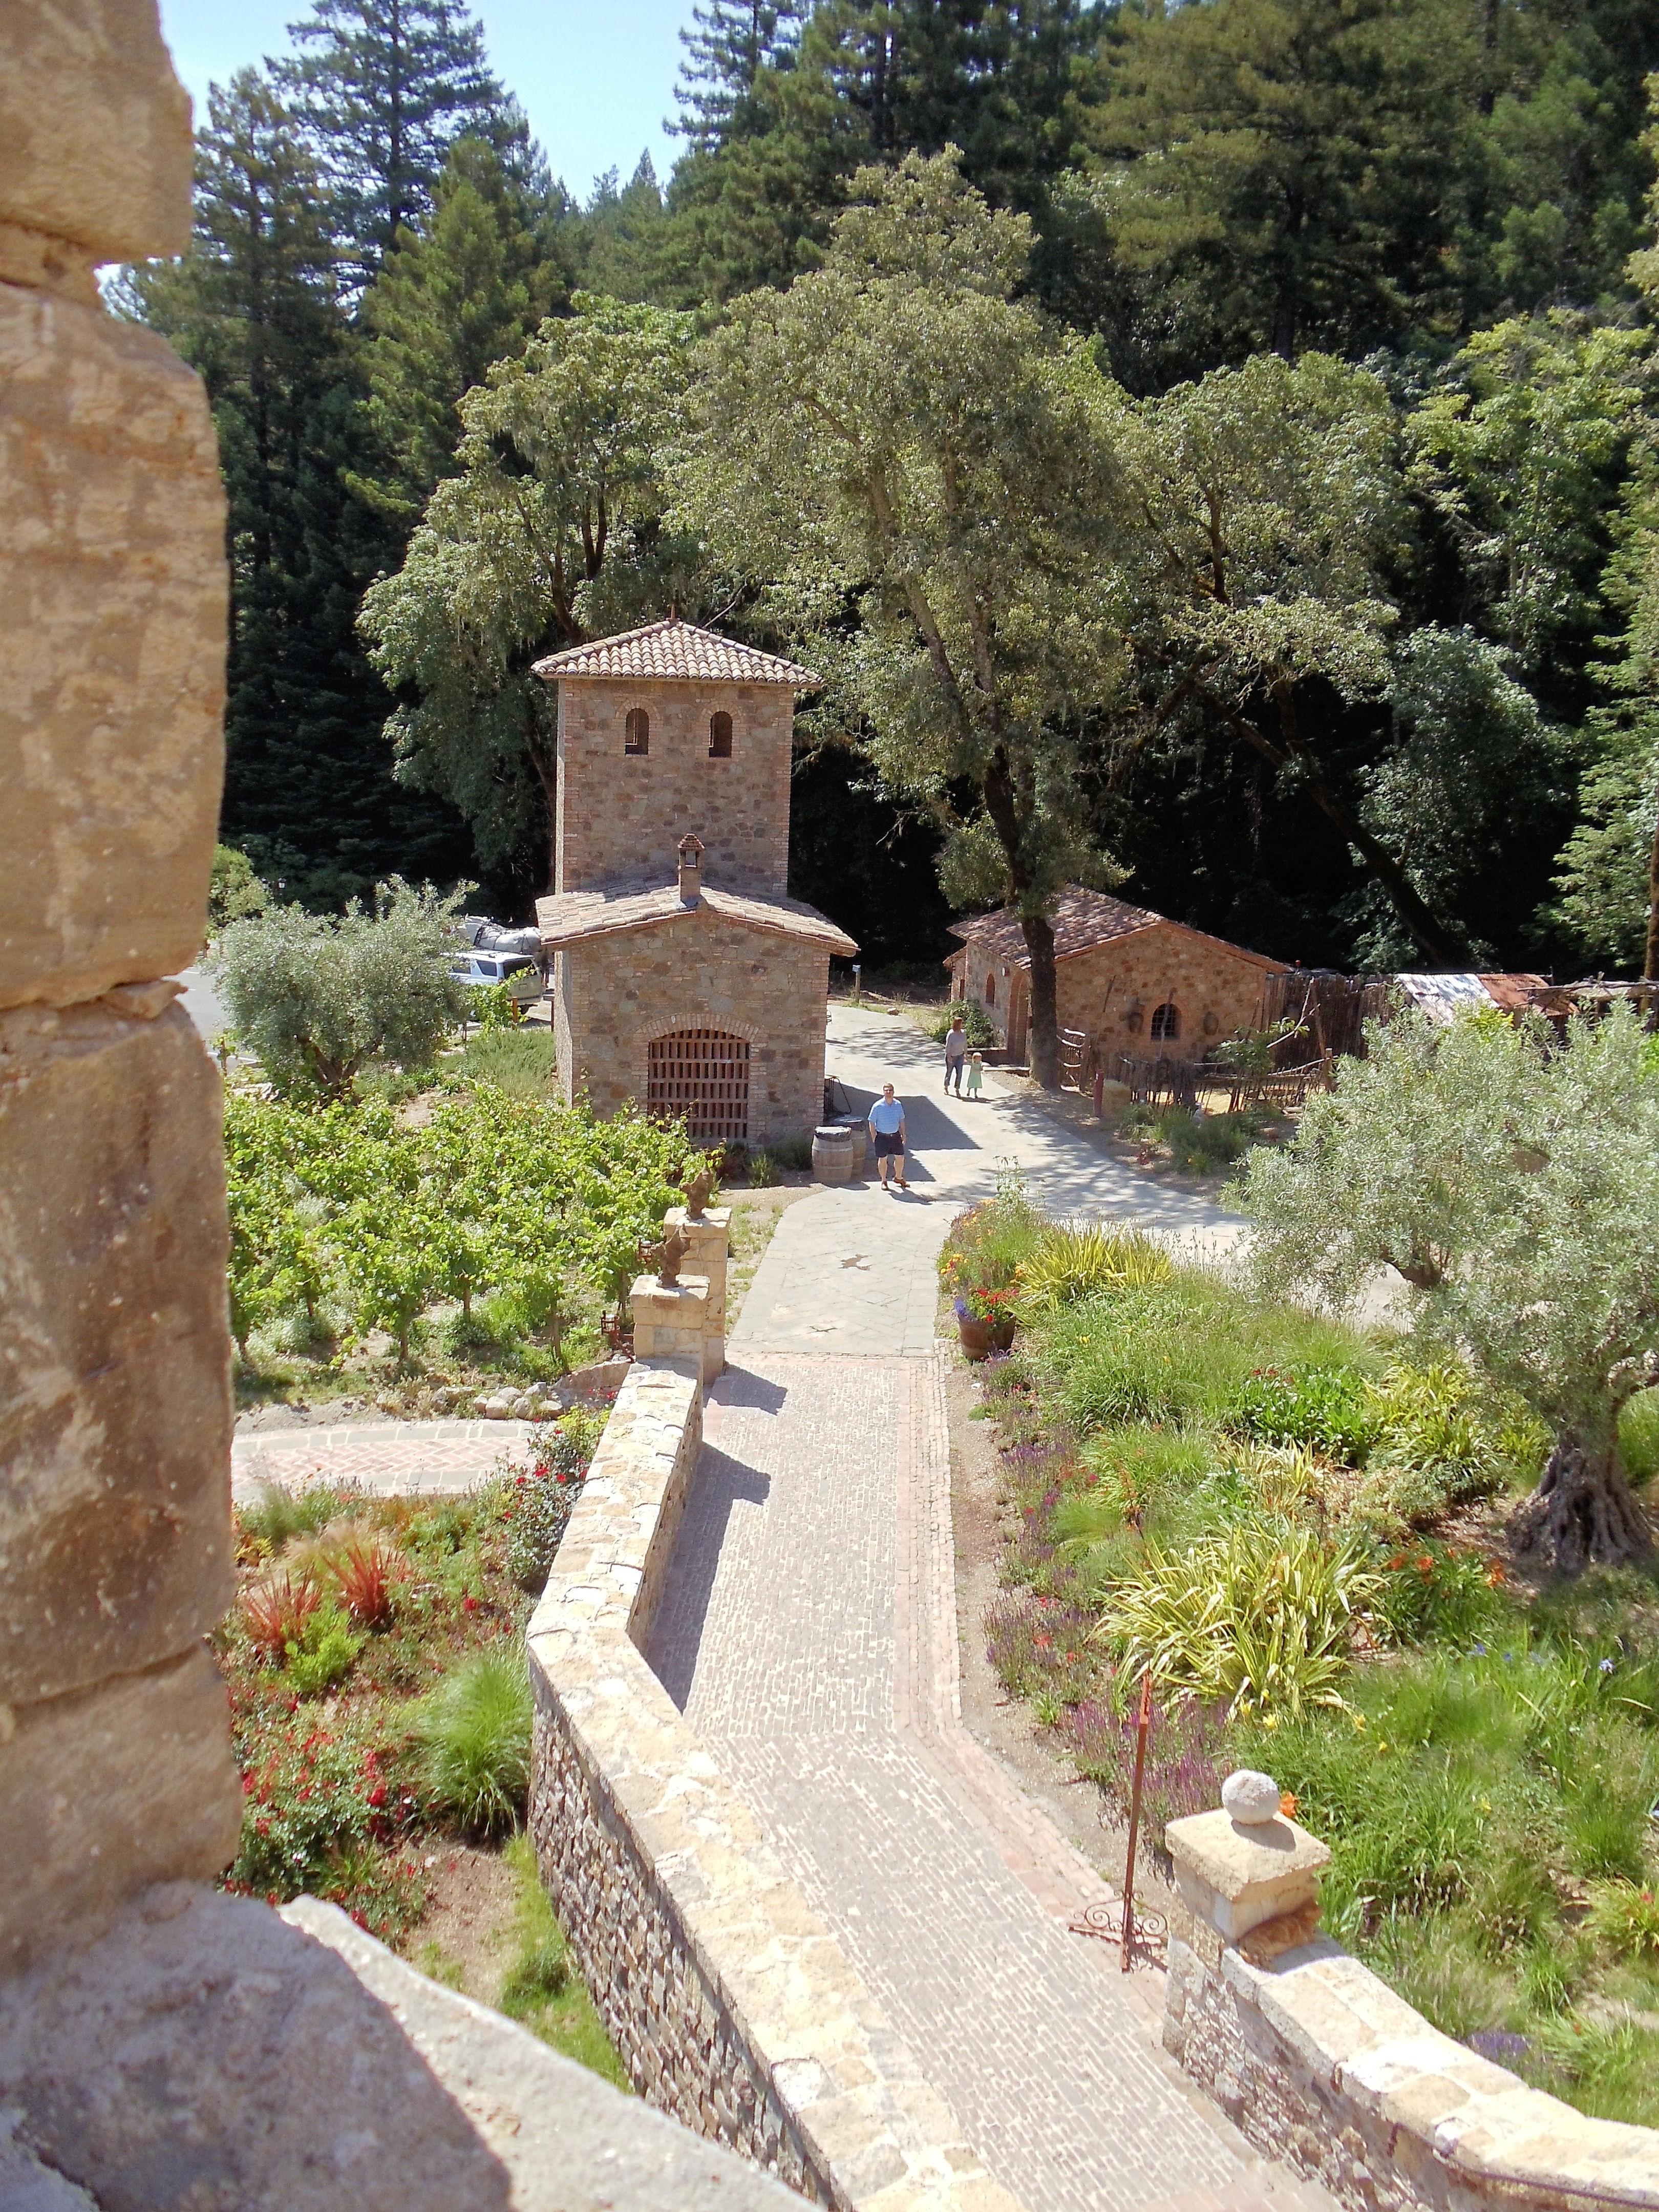 Castello Rooms For Rent Kalamaki Crete